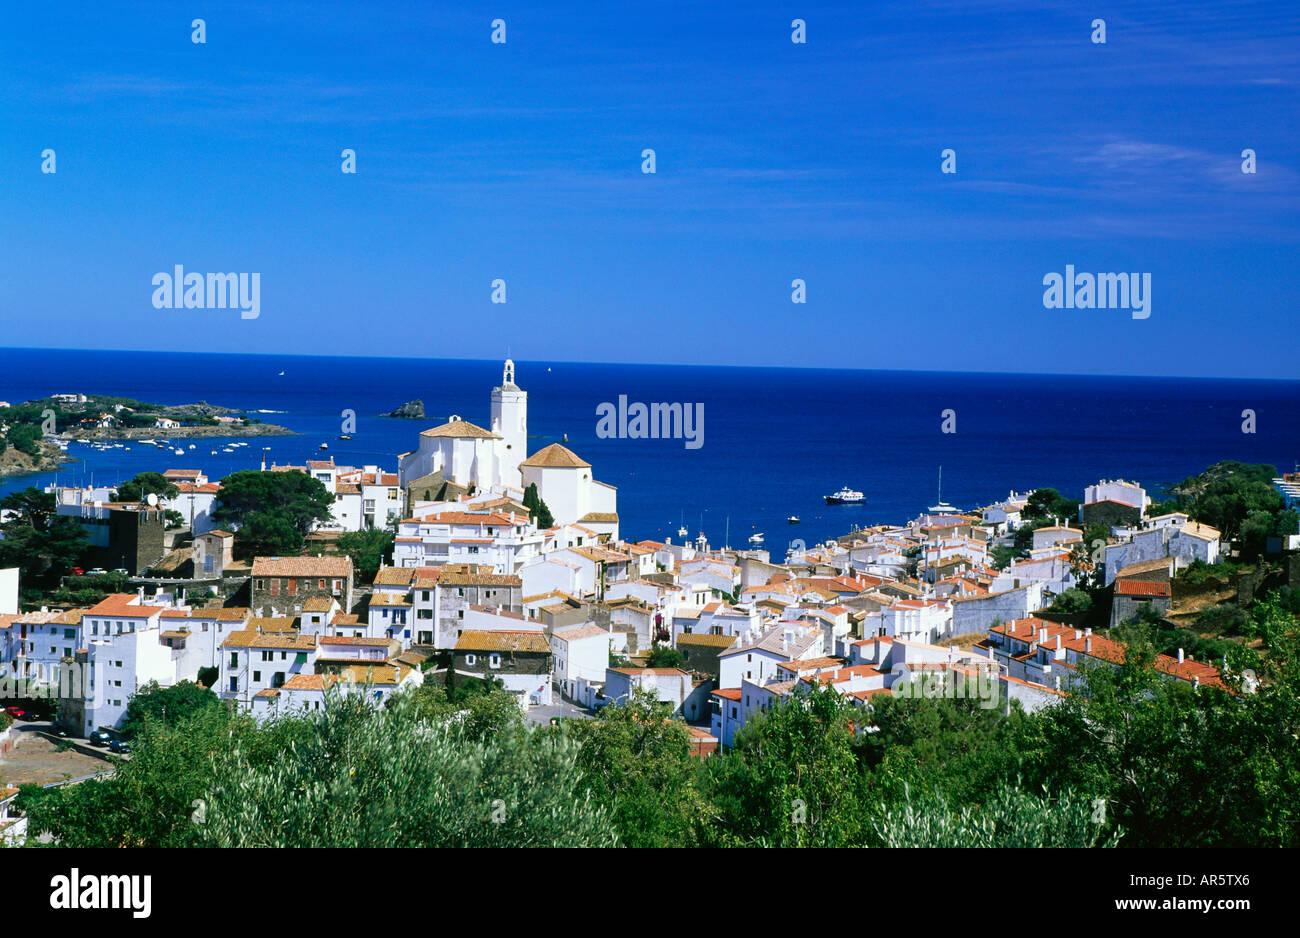 Cadaques, Costa Brava, provincia de Girona, Cataluña, España Imagen De Stock